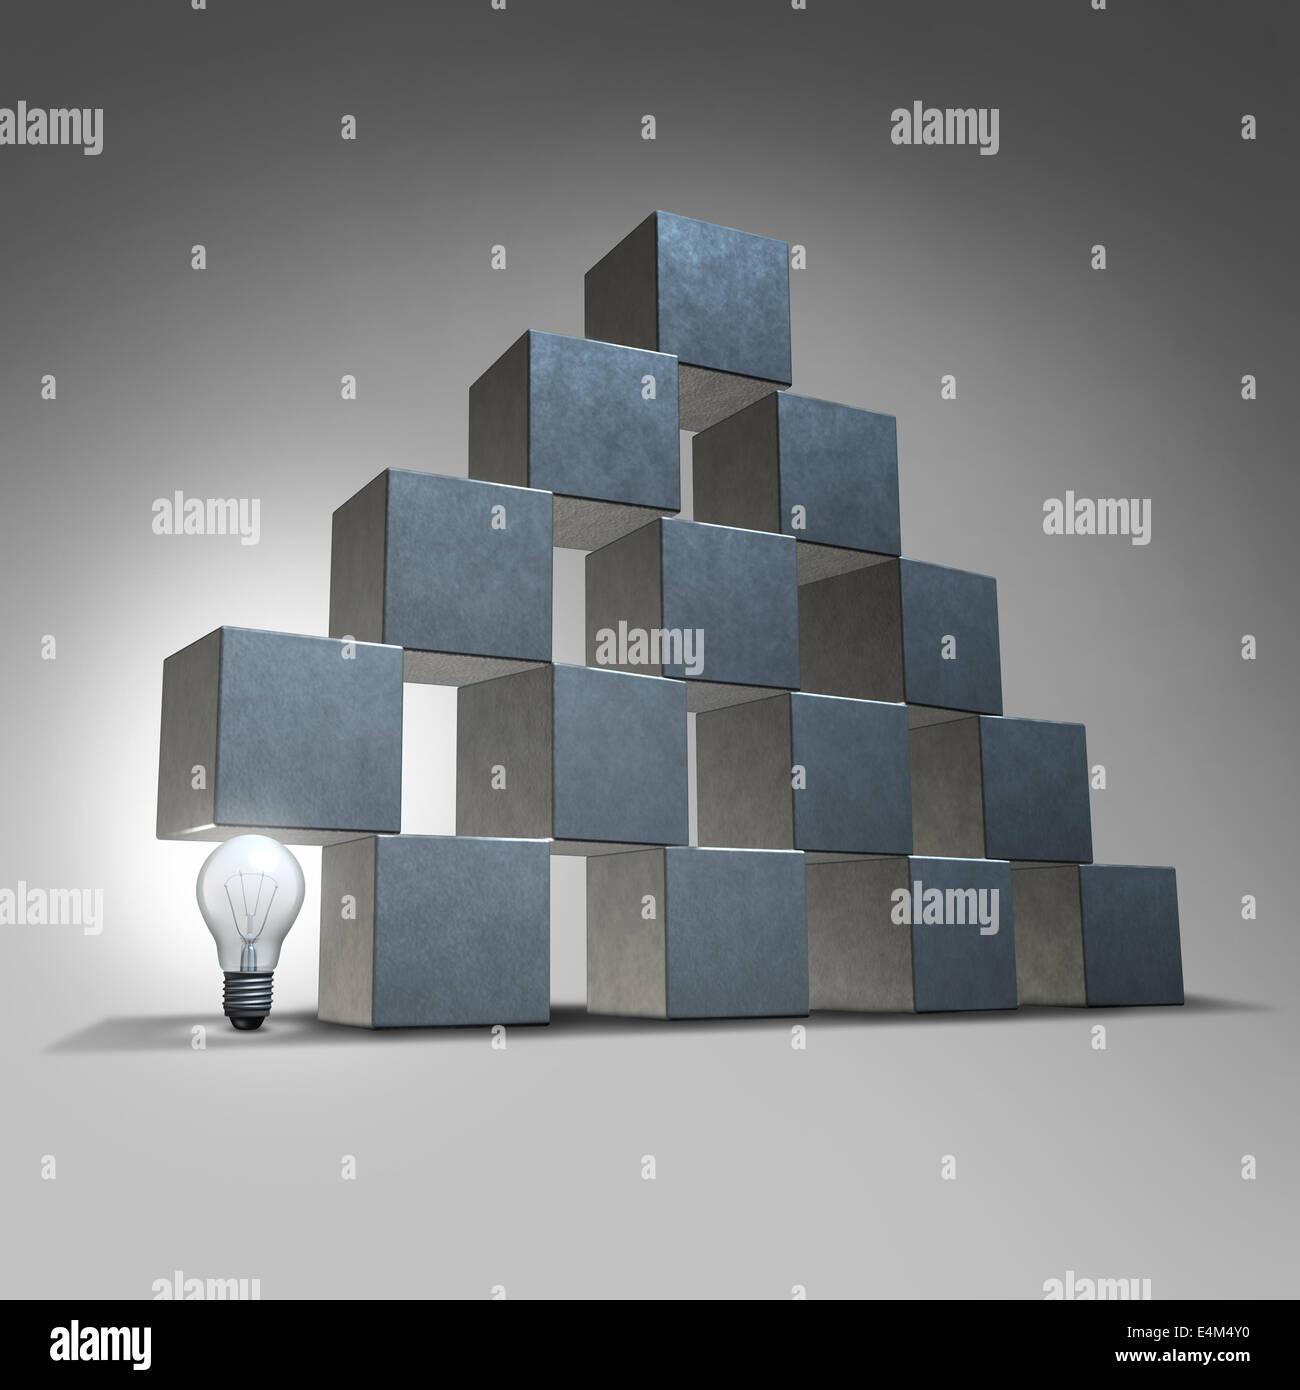 Supporto dei Creative e business marketing concetto di partenariato come un gruppo di tre cubi dimensionale essendo Immagini Stock